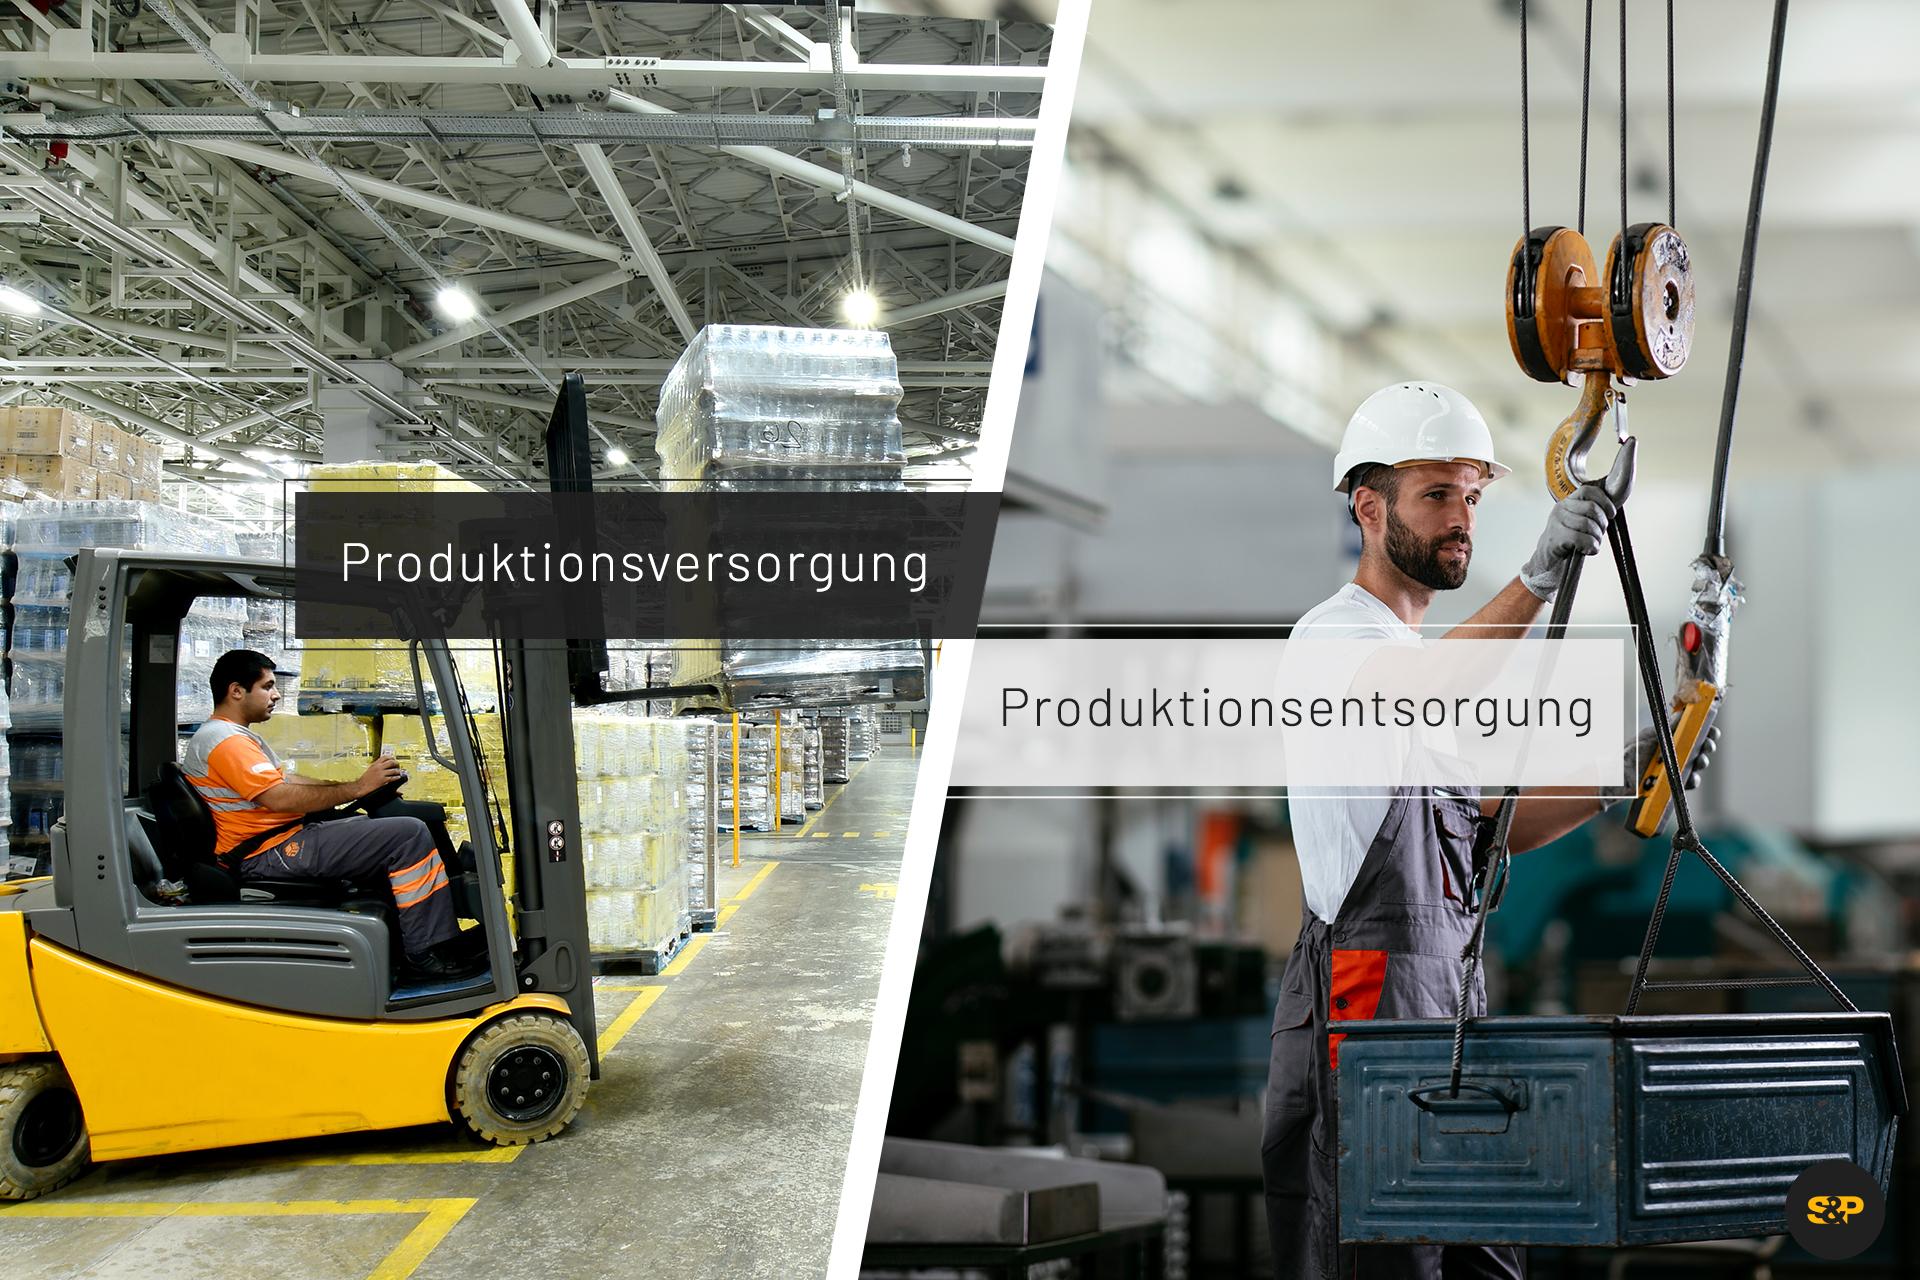 Mit einer zuverlässigen Produktionsversorgung und -Entsorgung den Materialfluss im Lager am Laufen halten!